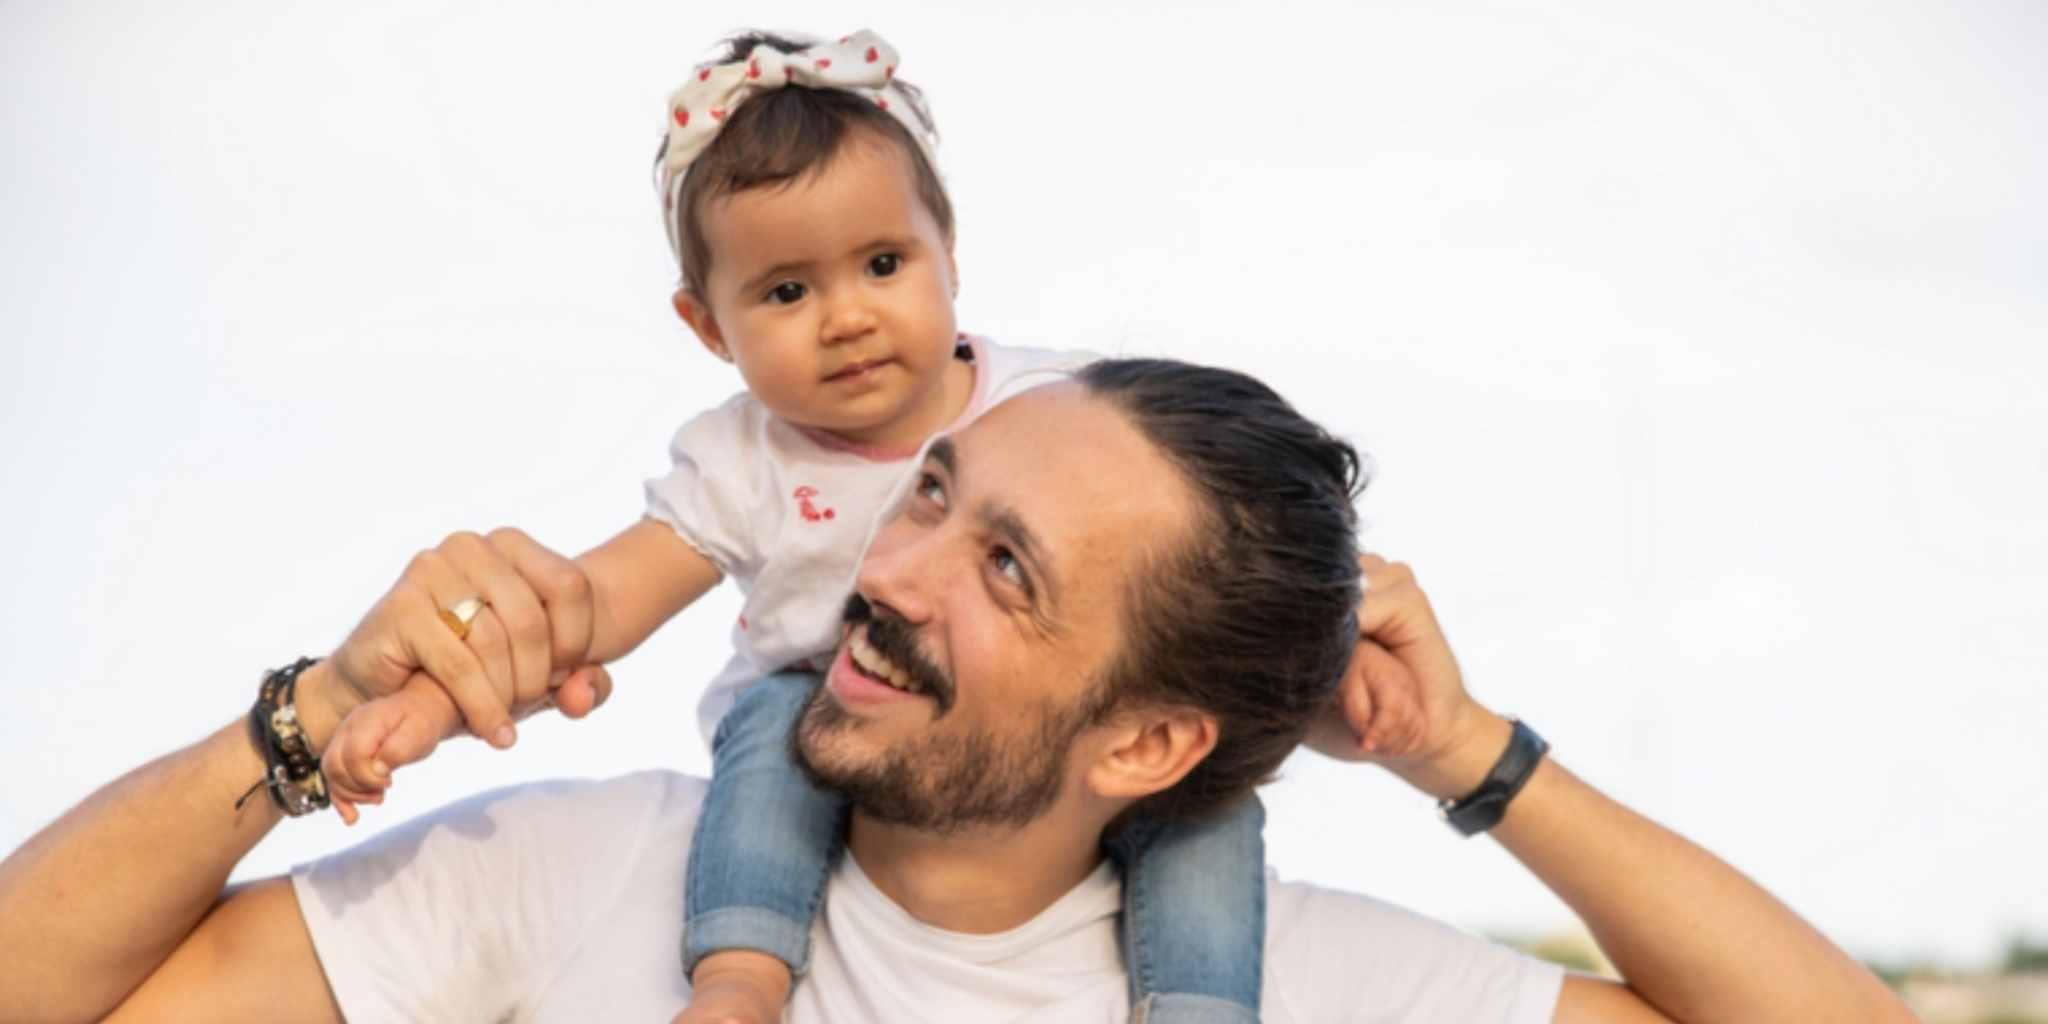 아버지가 자녀에게 영감을 줄 수 있는 방법